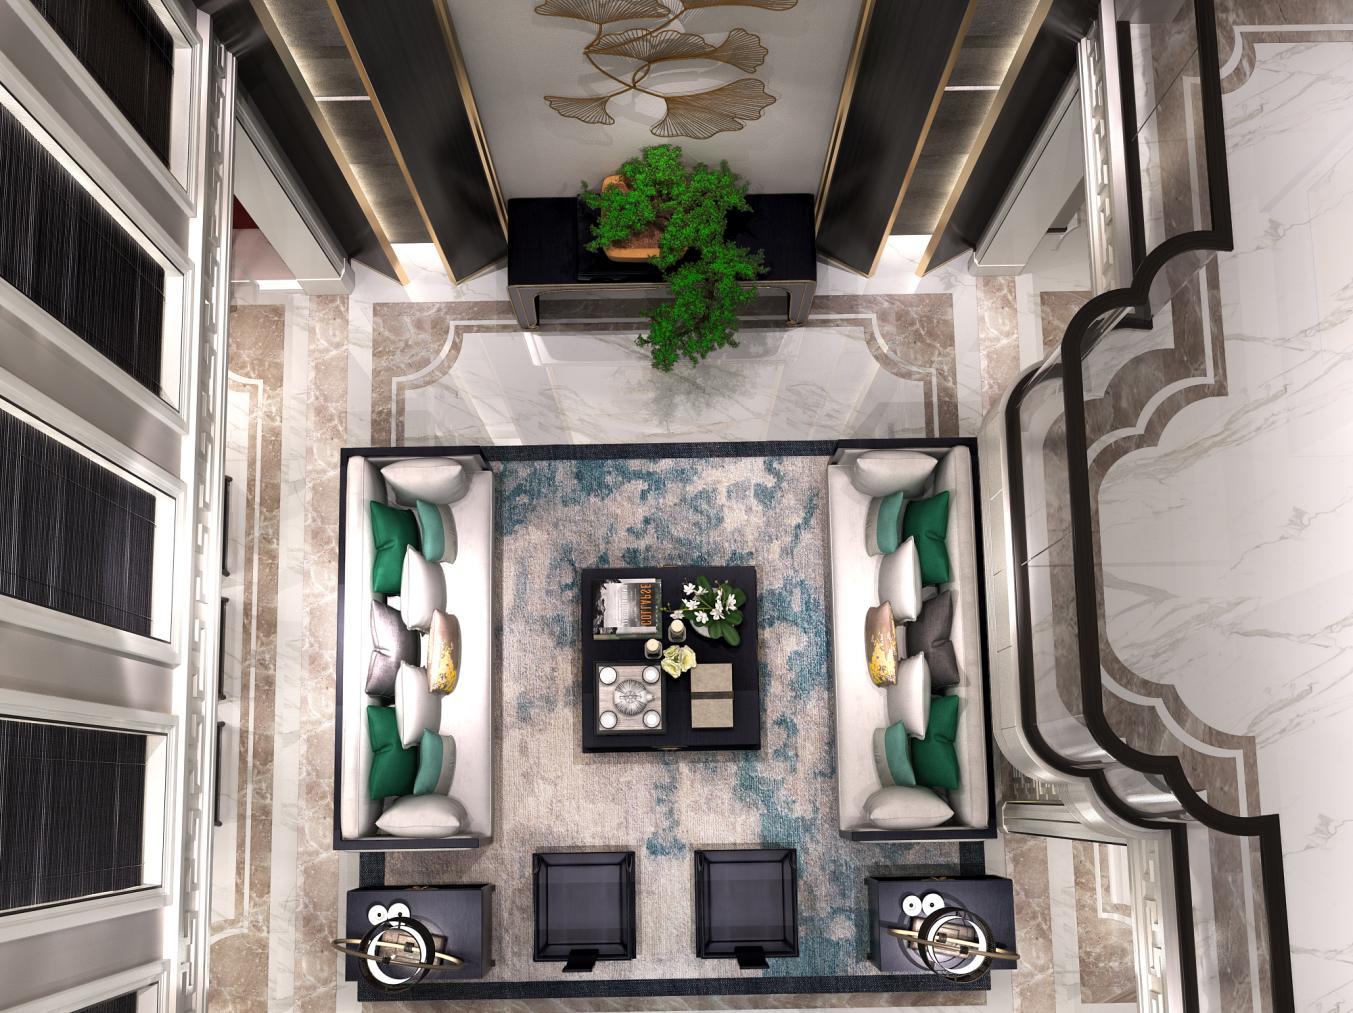 法兰西世家 别墅装修 新中式风格 腾龙设计 客厅图片来自腾龙设计在沈韬作品 法兰西世家别墅装修的分享